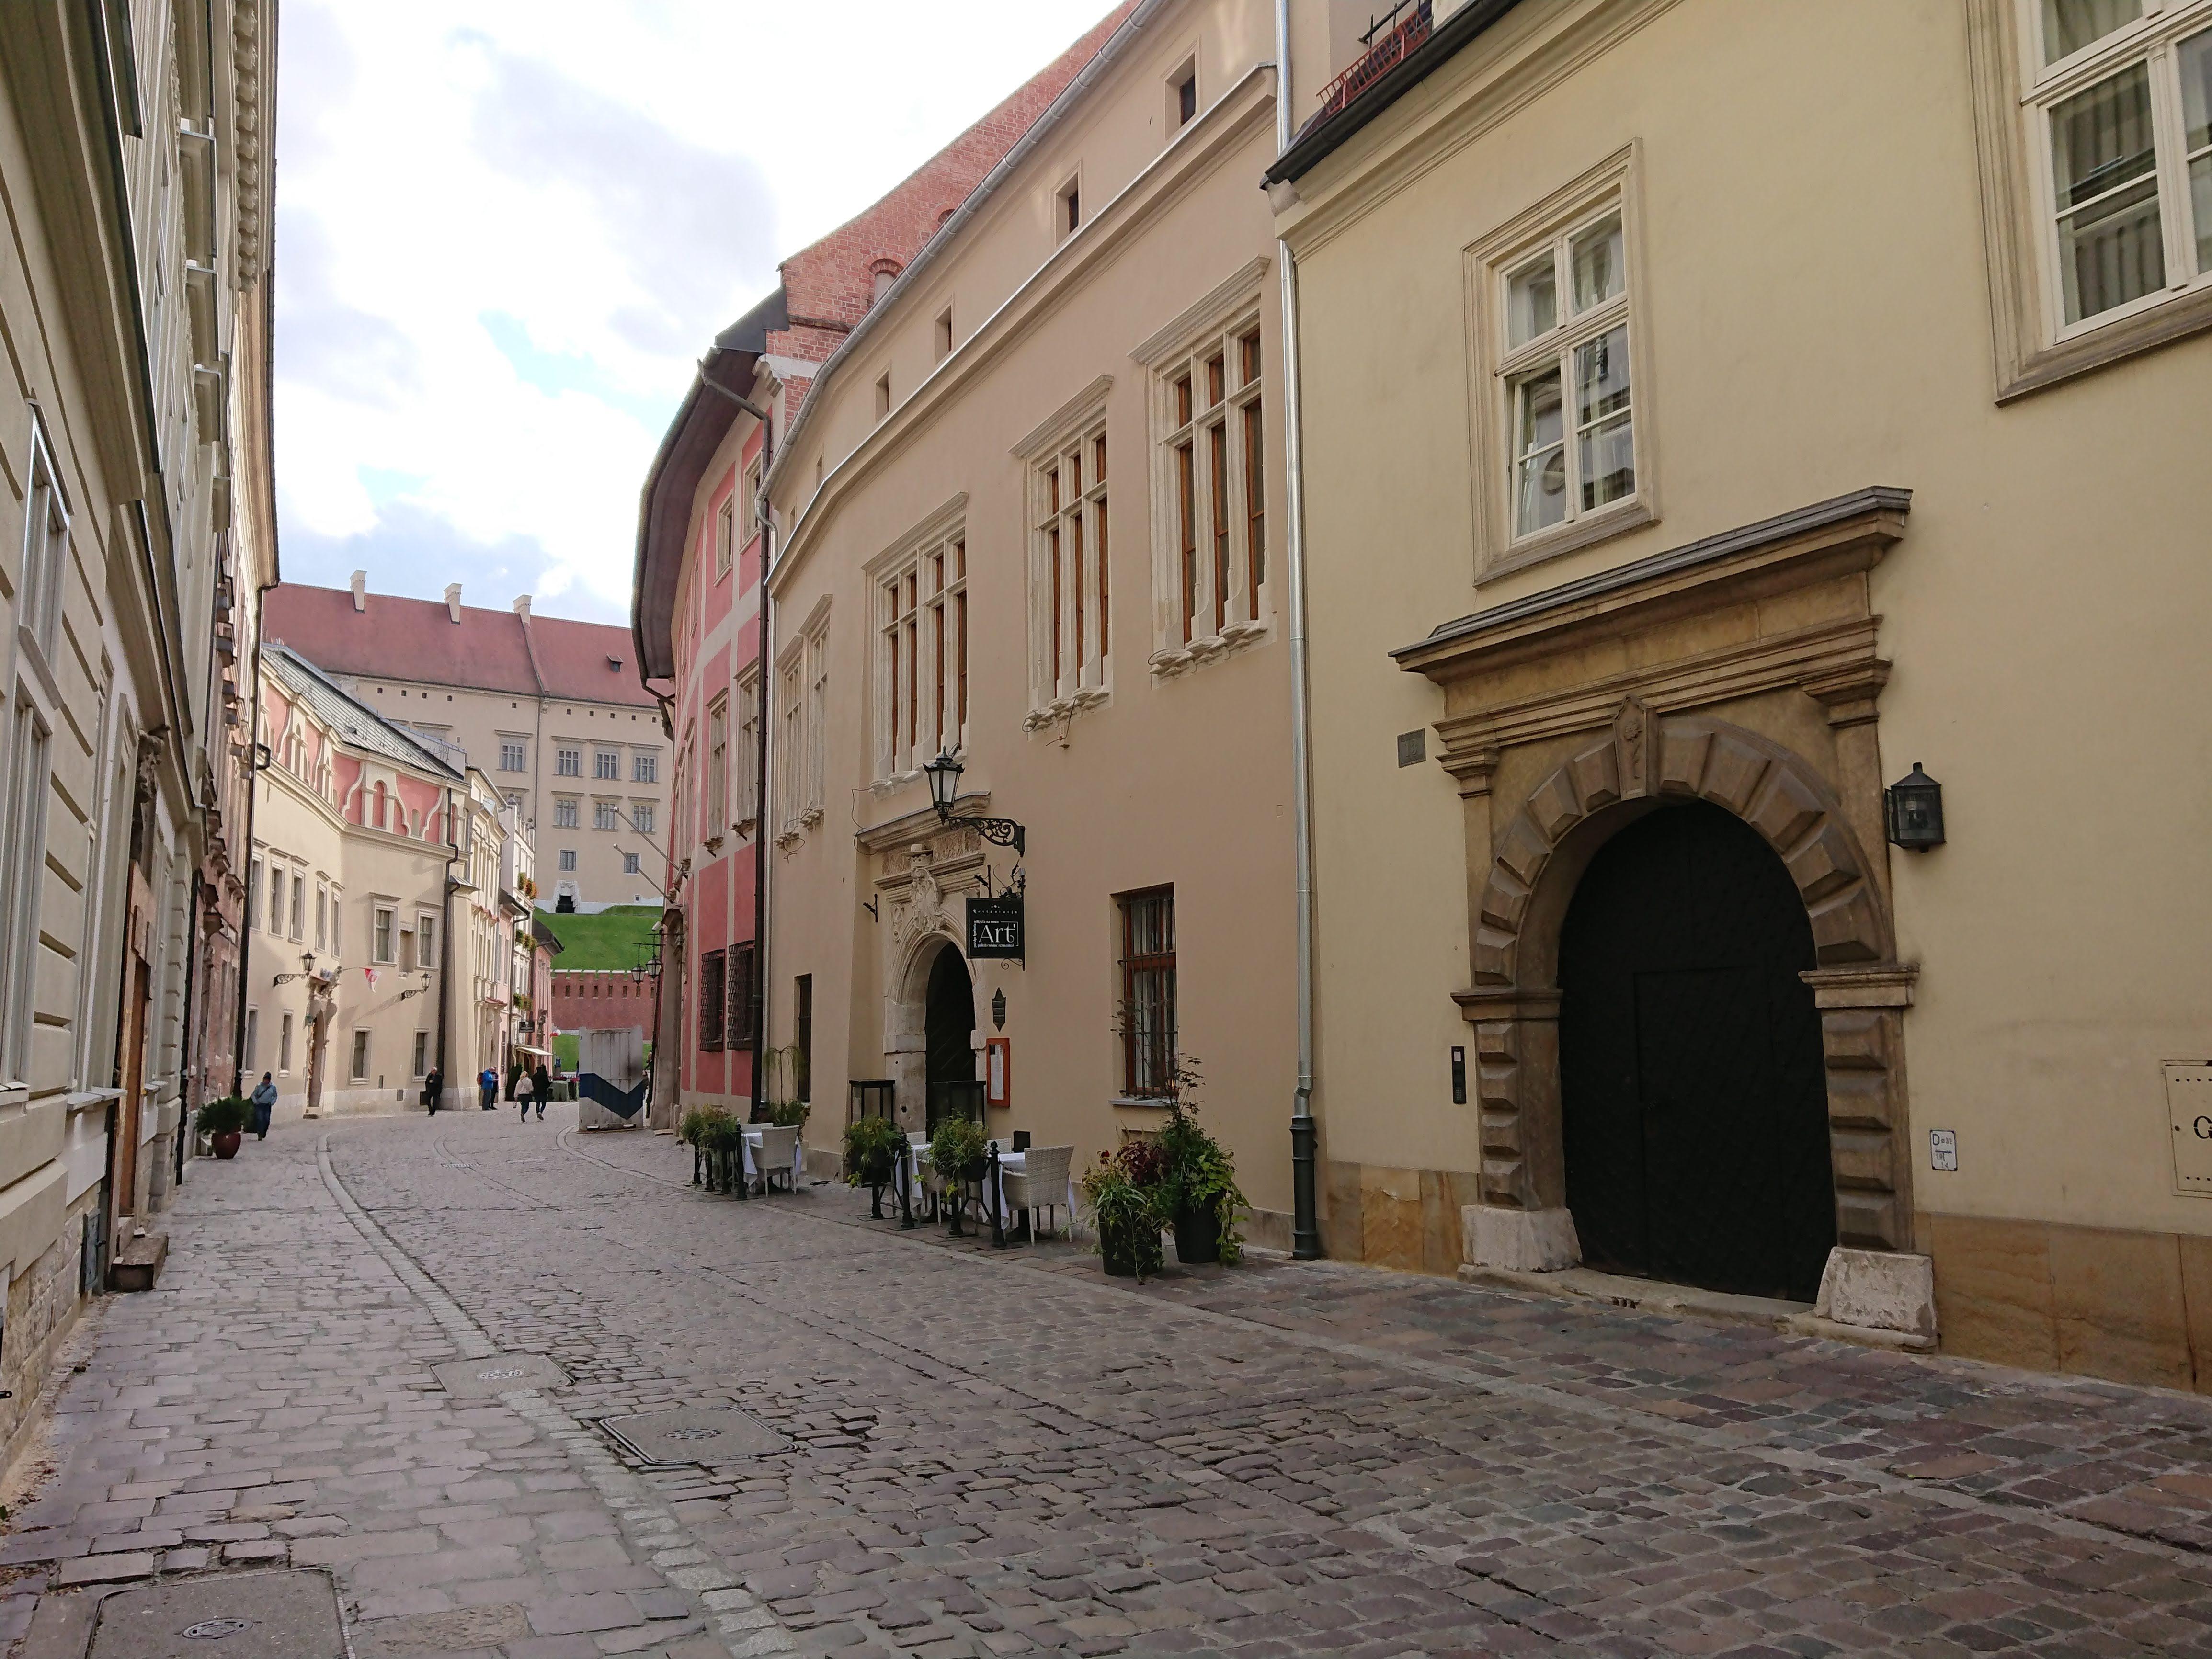 Ulica Kanonicza i widok na Pałac Biskupa Erazma Ciołka, źródło: archiwum autorki